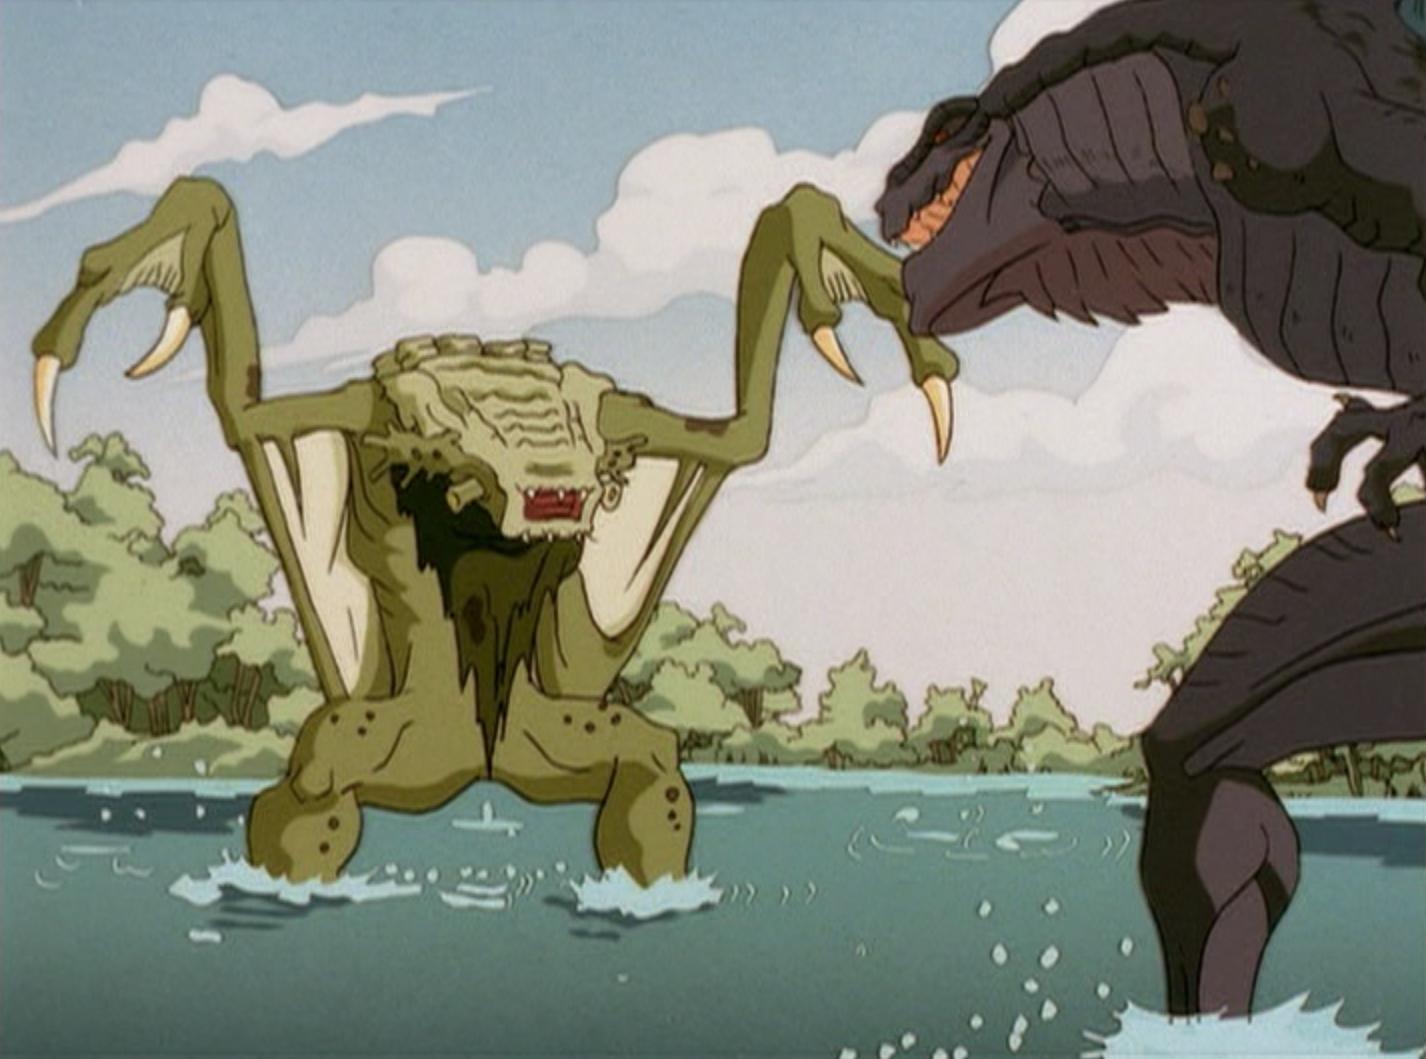 Godzilla Junior ゴジラジュニア Gojira Jyunia also known as Baby Godzilla ベビーゴジラ Bebīgojira and Little Godzilla リトルゴジラ